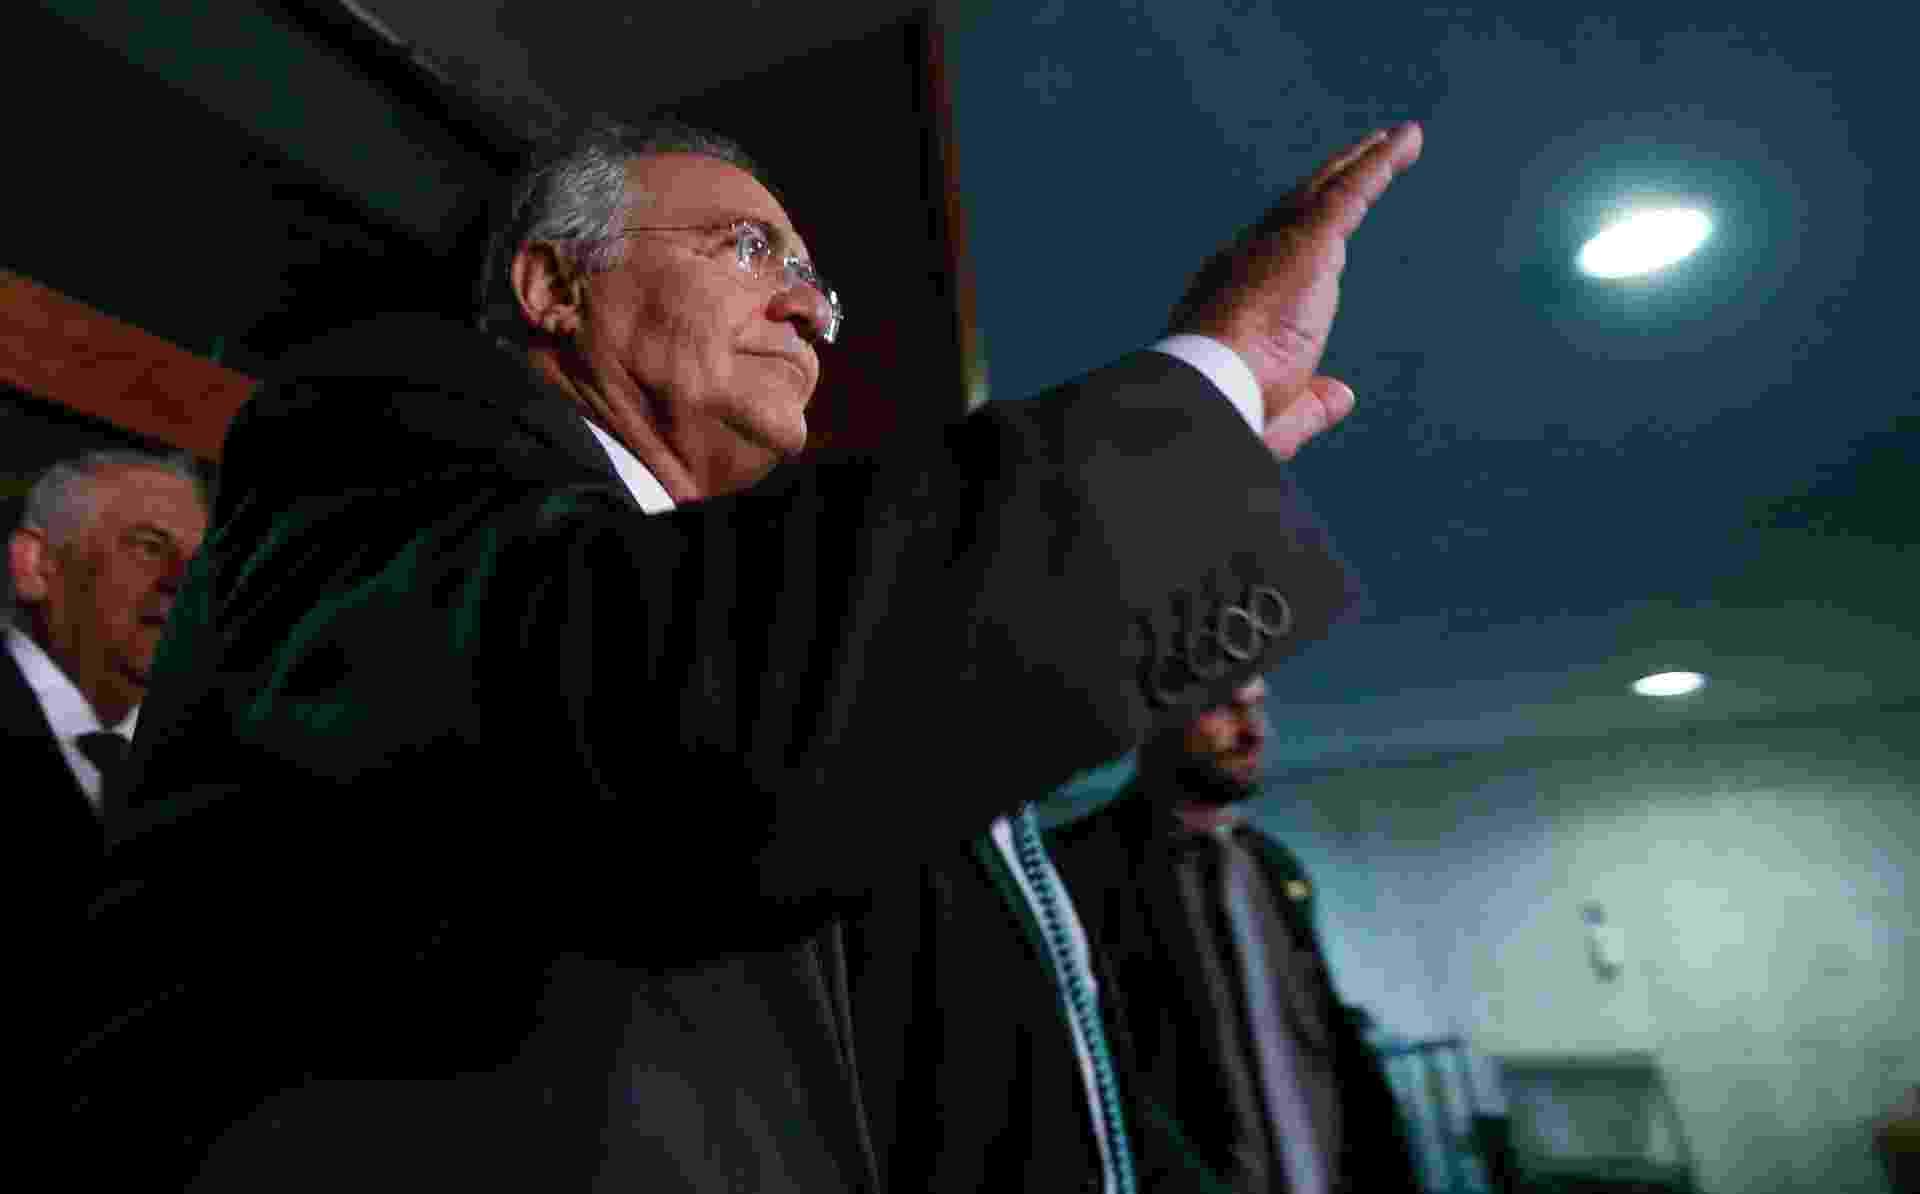 7.dez.2016 - O presidente do Senado Renan Calheiros (PMDB-AL) deixa o gabinete após acompanhar a sessão do STF que anulou os efeitos da liminar do ministro Marco Aurélio Mello que o havia afastado do cargo - Pedro Ladeira/Folhapress